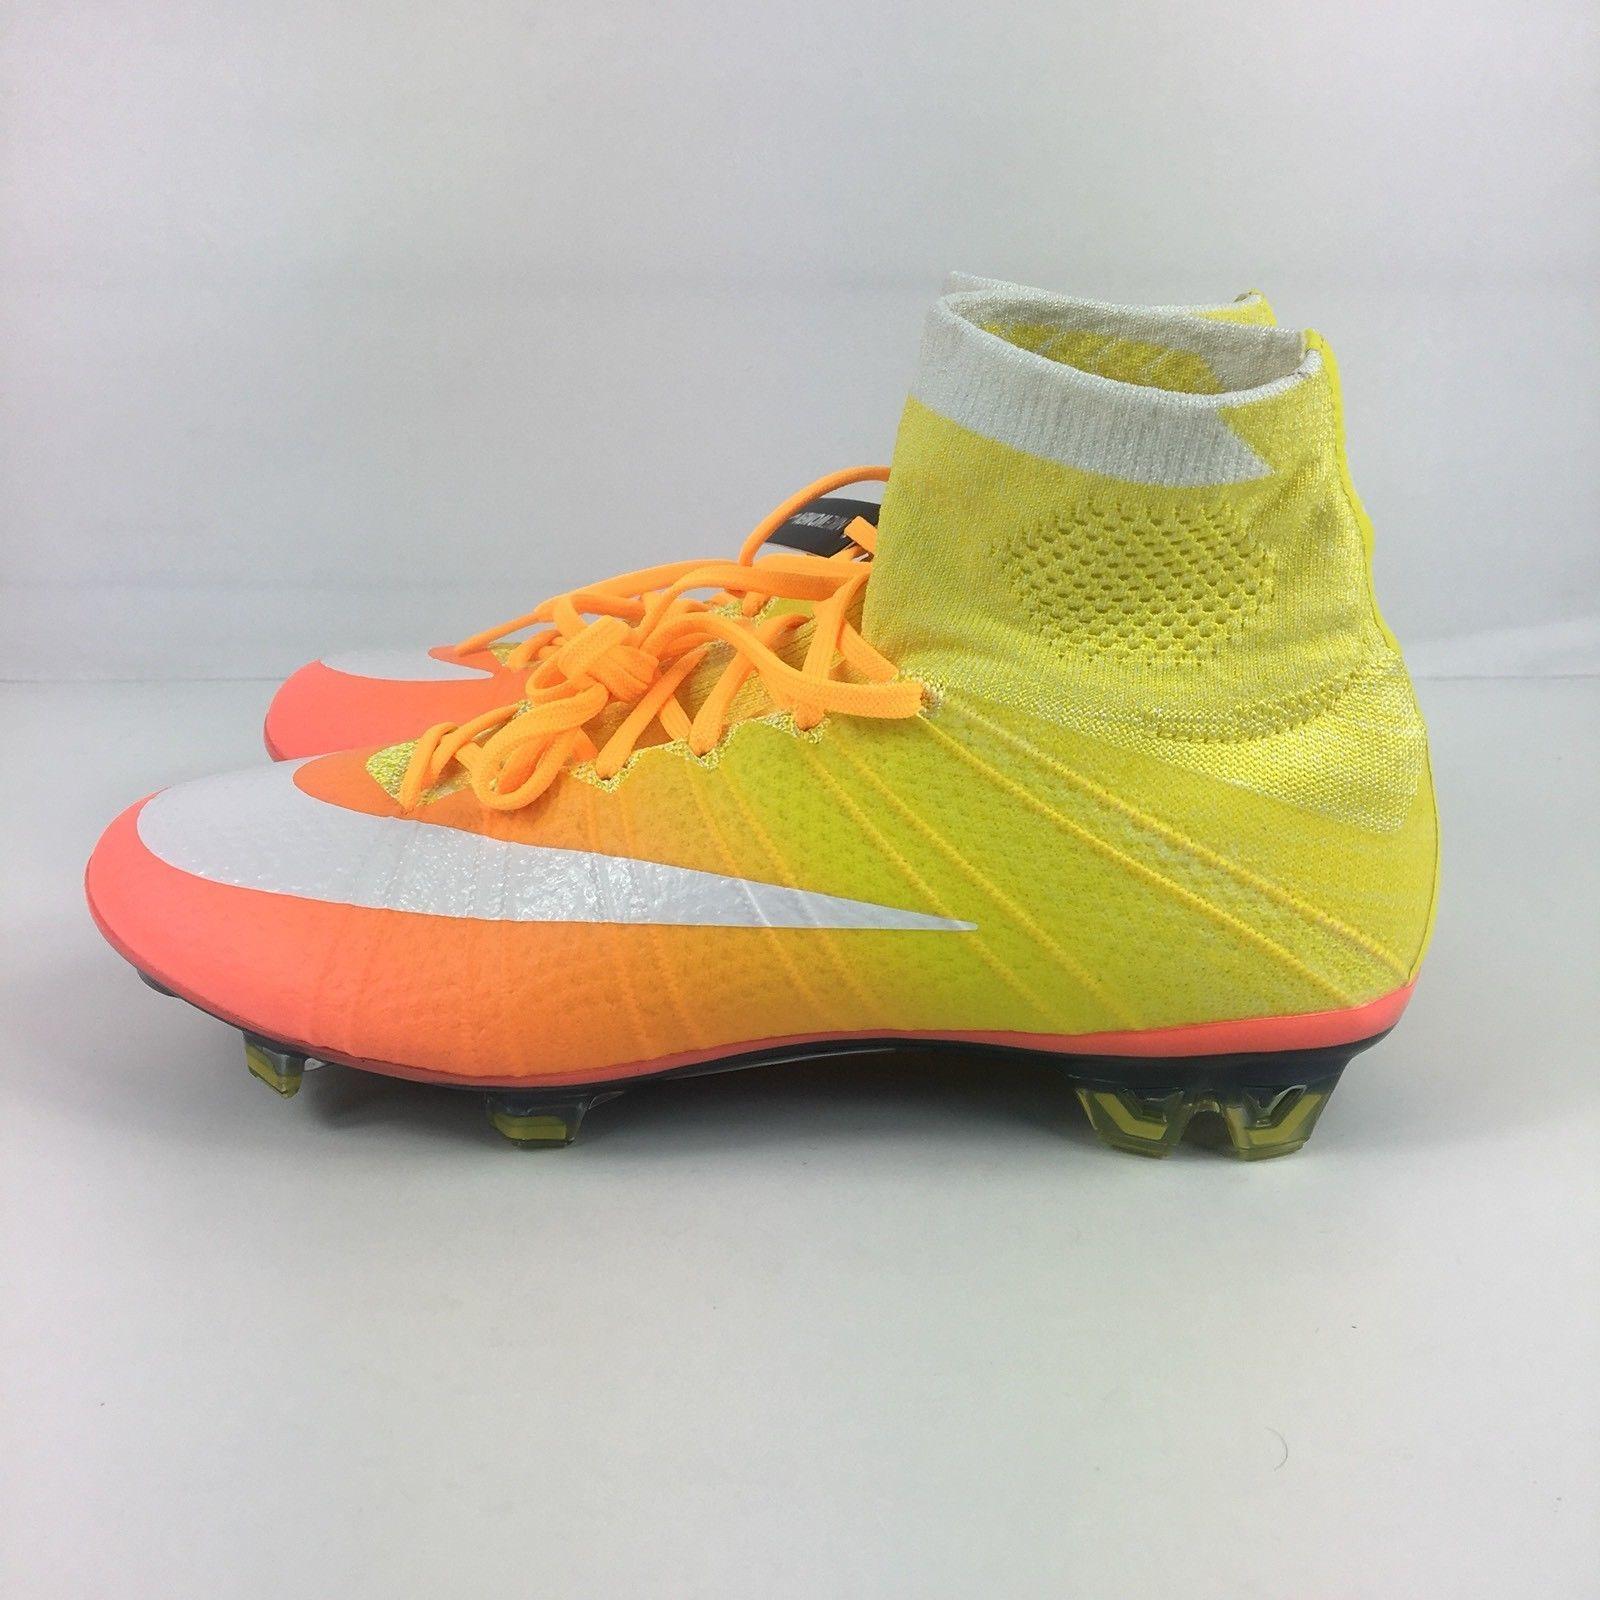 04313c843dd3 Nike Womens Mercurial Superfly FG ACC Soccer Cleats Mango (718753 800) SZ  7.5